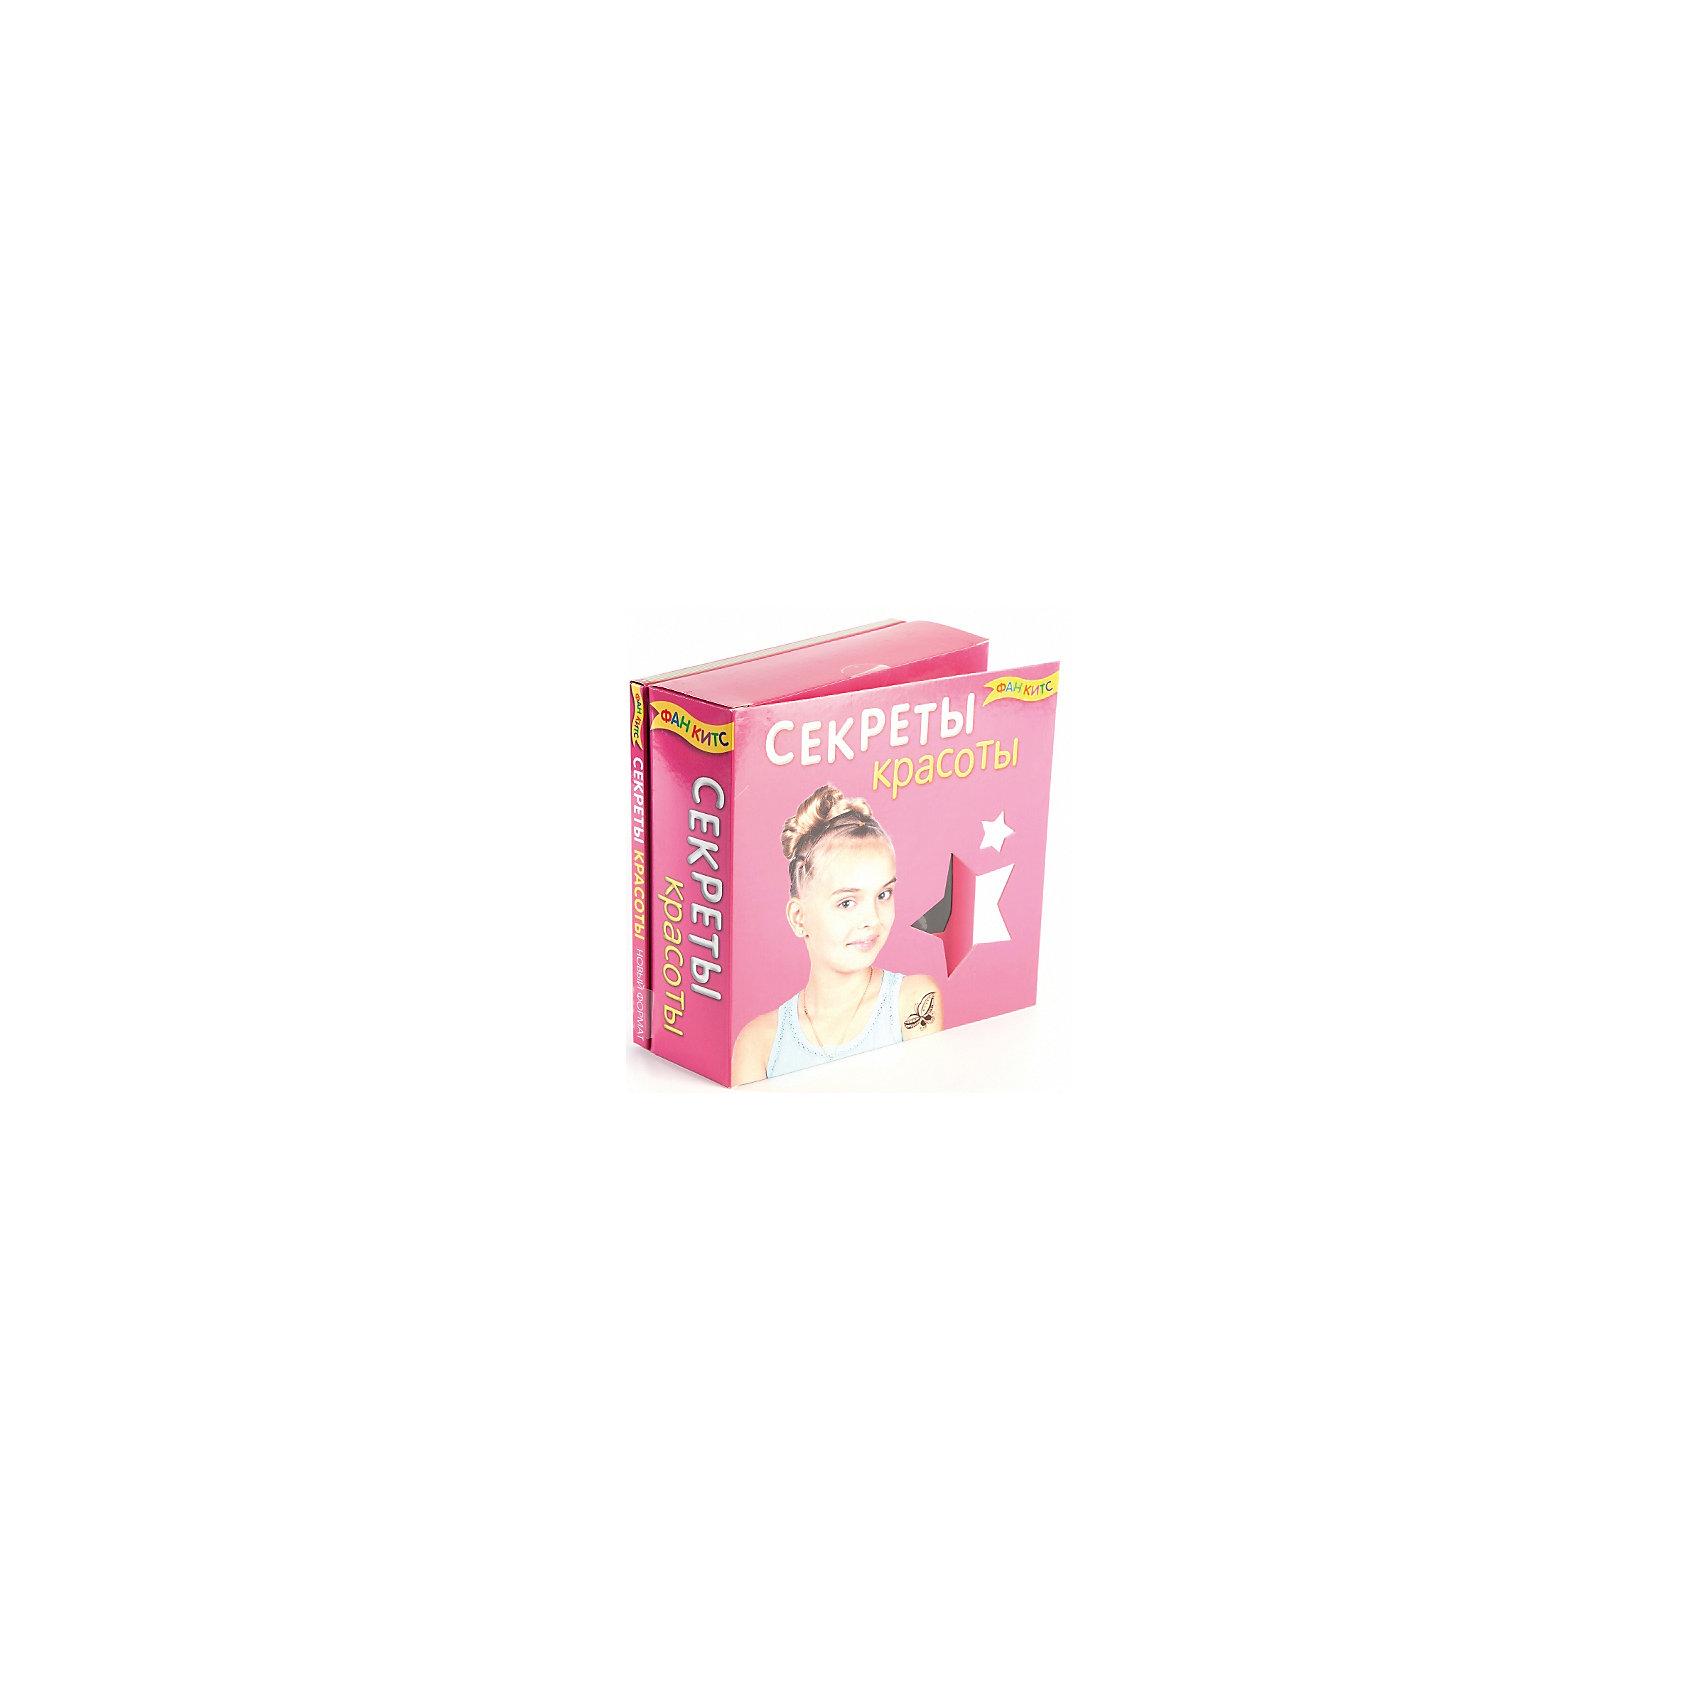 Секреты красотыХарактеристики товара:<br><br>• материал упаковки: картон<br>• возраст: 3+<br>• комплектация: книга, лак для ногтей 6 шт, тату-фломастер, ленты, переводные тату 6 шт, стразы<br>• страна производства: Российская Федерация<br><br>Дни рождения и детские праздники не обходятся без подарков. Выбор презента для девочки – непростое занятие, но только не с новым набором красоты! Коробочка содержит в себе предметы, которые понравятся любой моднице. Она накрасит ногти, нарисует блестящую тату и заплетет интересную прическу. Книга откроет много секретов красоты. Материалы, использованные при изготовлении товара, сертифицированы и отвечают всем международным требованиям по качеству. <br><br>Набор «Секреты красоты» можно приобрести в нашем интернет-магазине.<br><br>Ширина мм: 170<br>Глубина мм: 170<br>Высота мм: 60<br>Вес г: 300<br>Возраст от месяцев: 36<br>Возраст до месяцев: 144<br>Пол: Женский<br>Возраст: Детский<br>SKU: 5142477